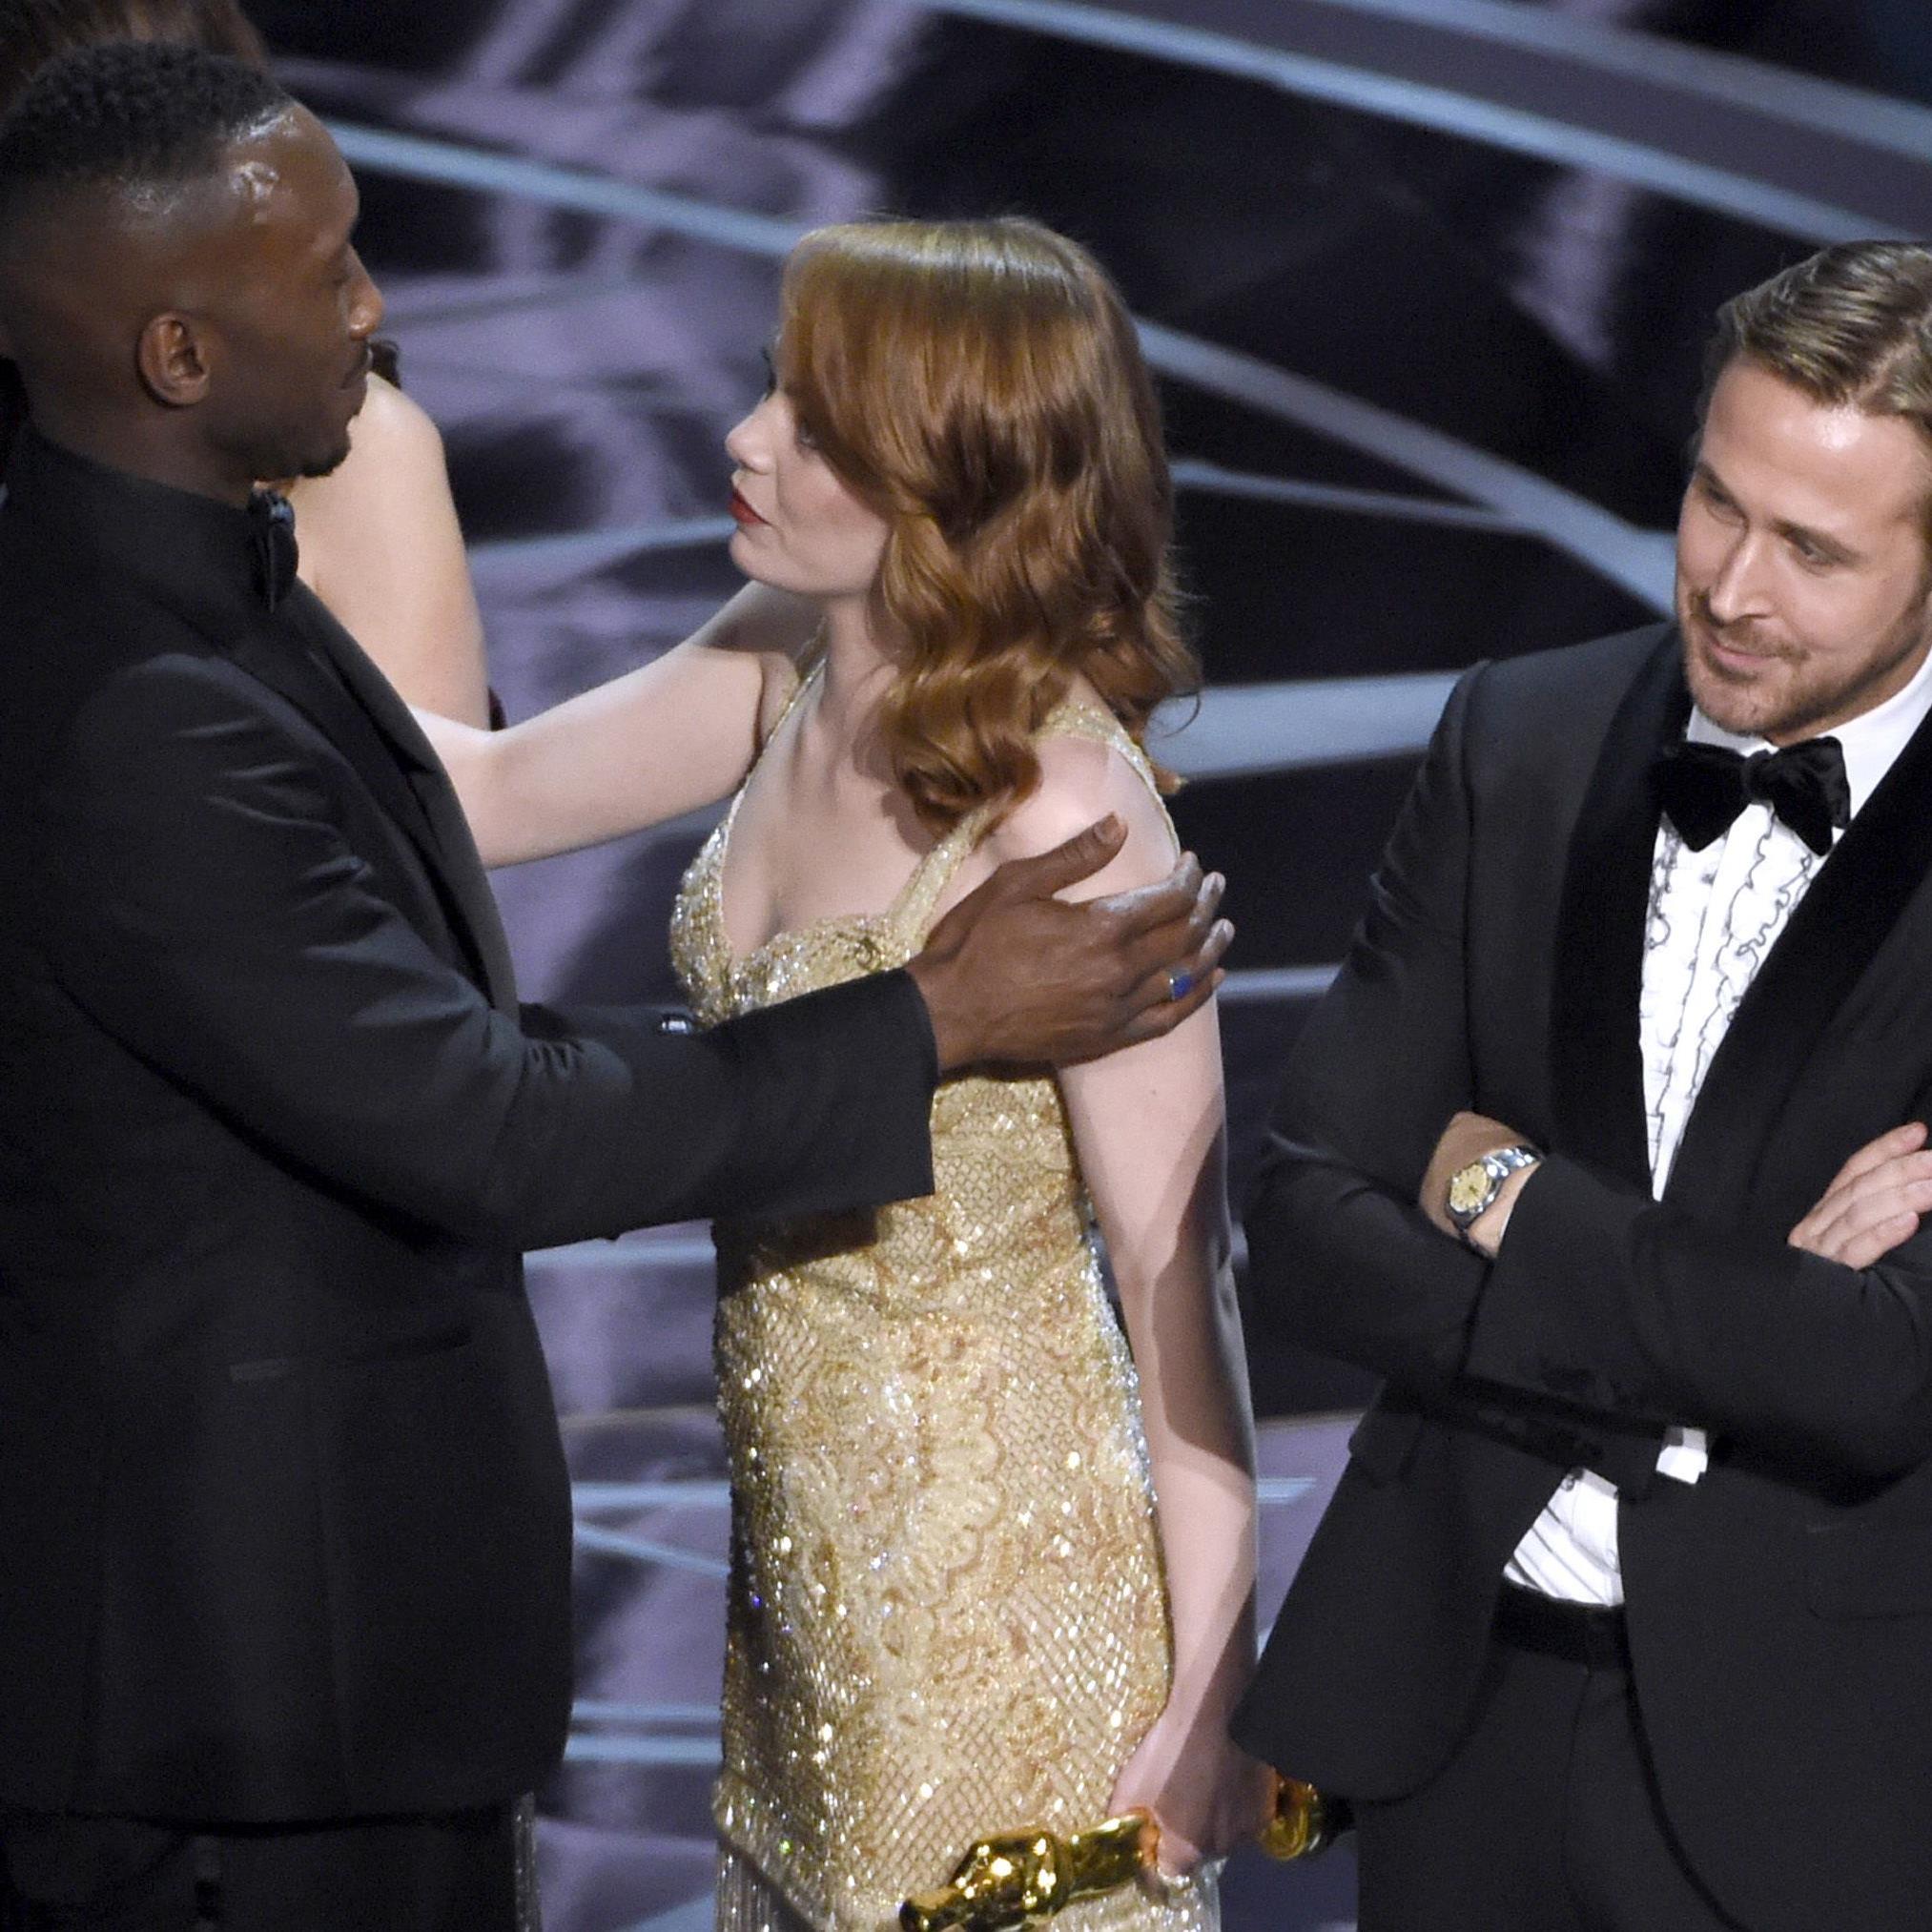 Emma Stone gratuliert Mahershala Ali für den wahren Sieg bei den Oscars.